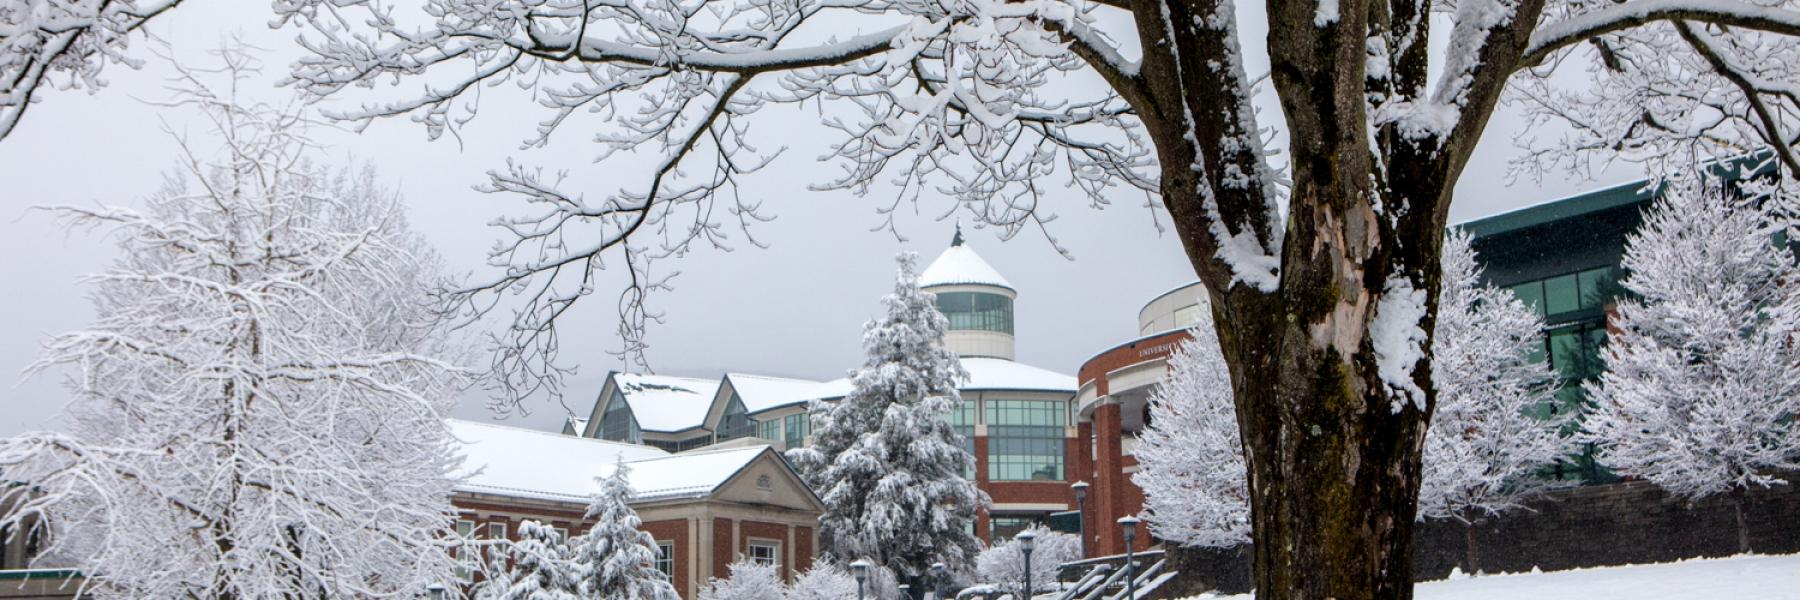 Image: Snow, Campus